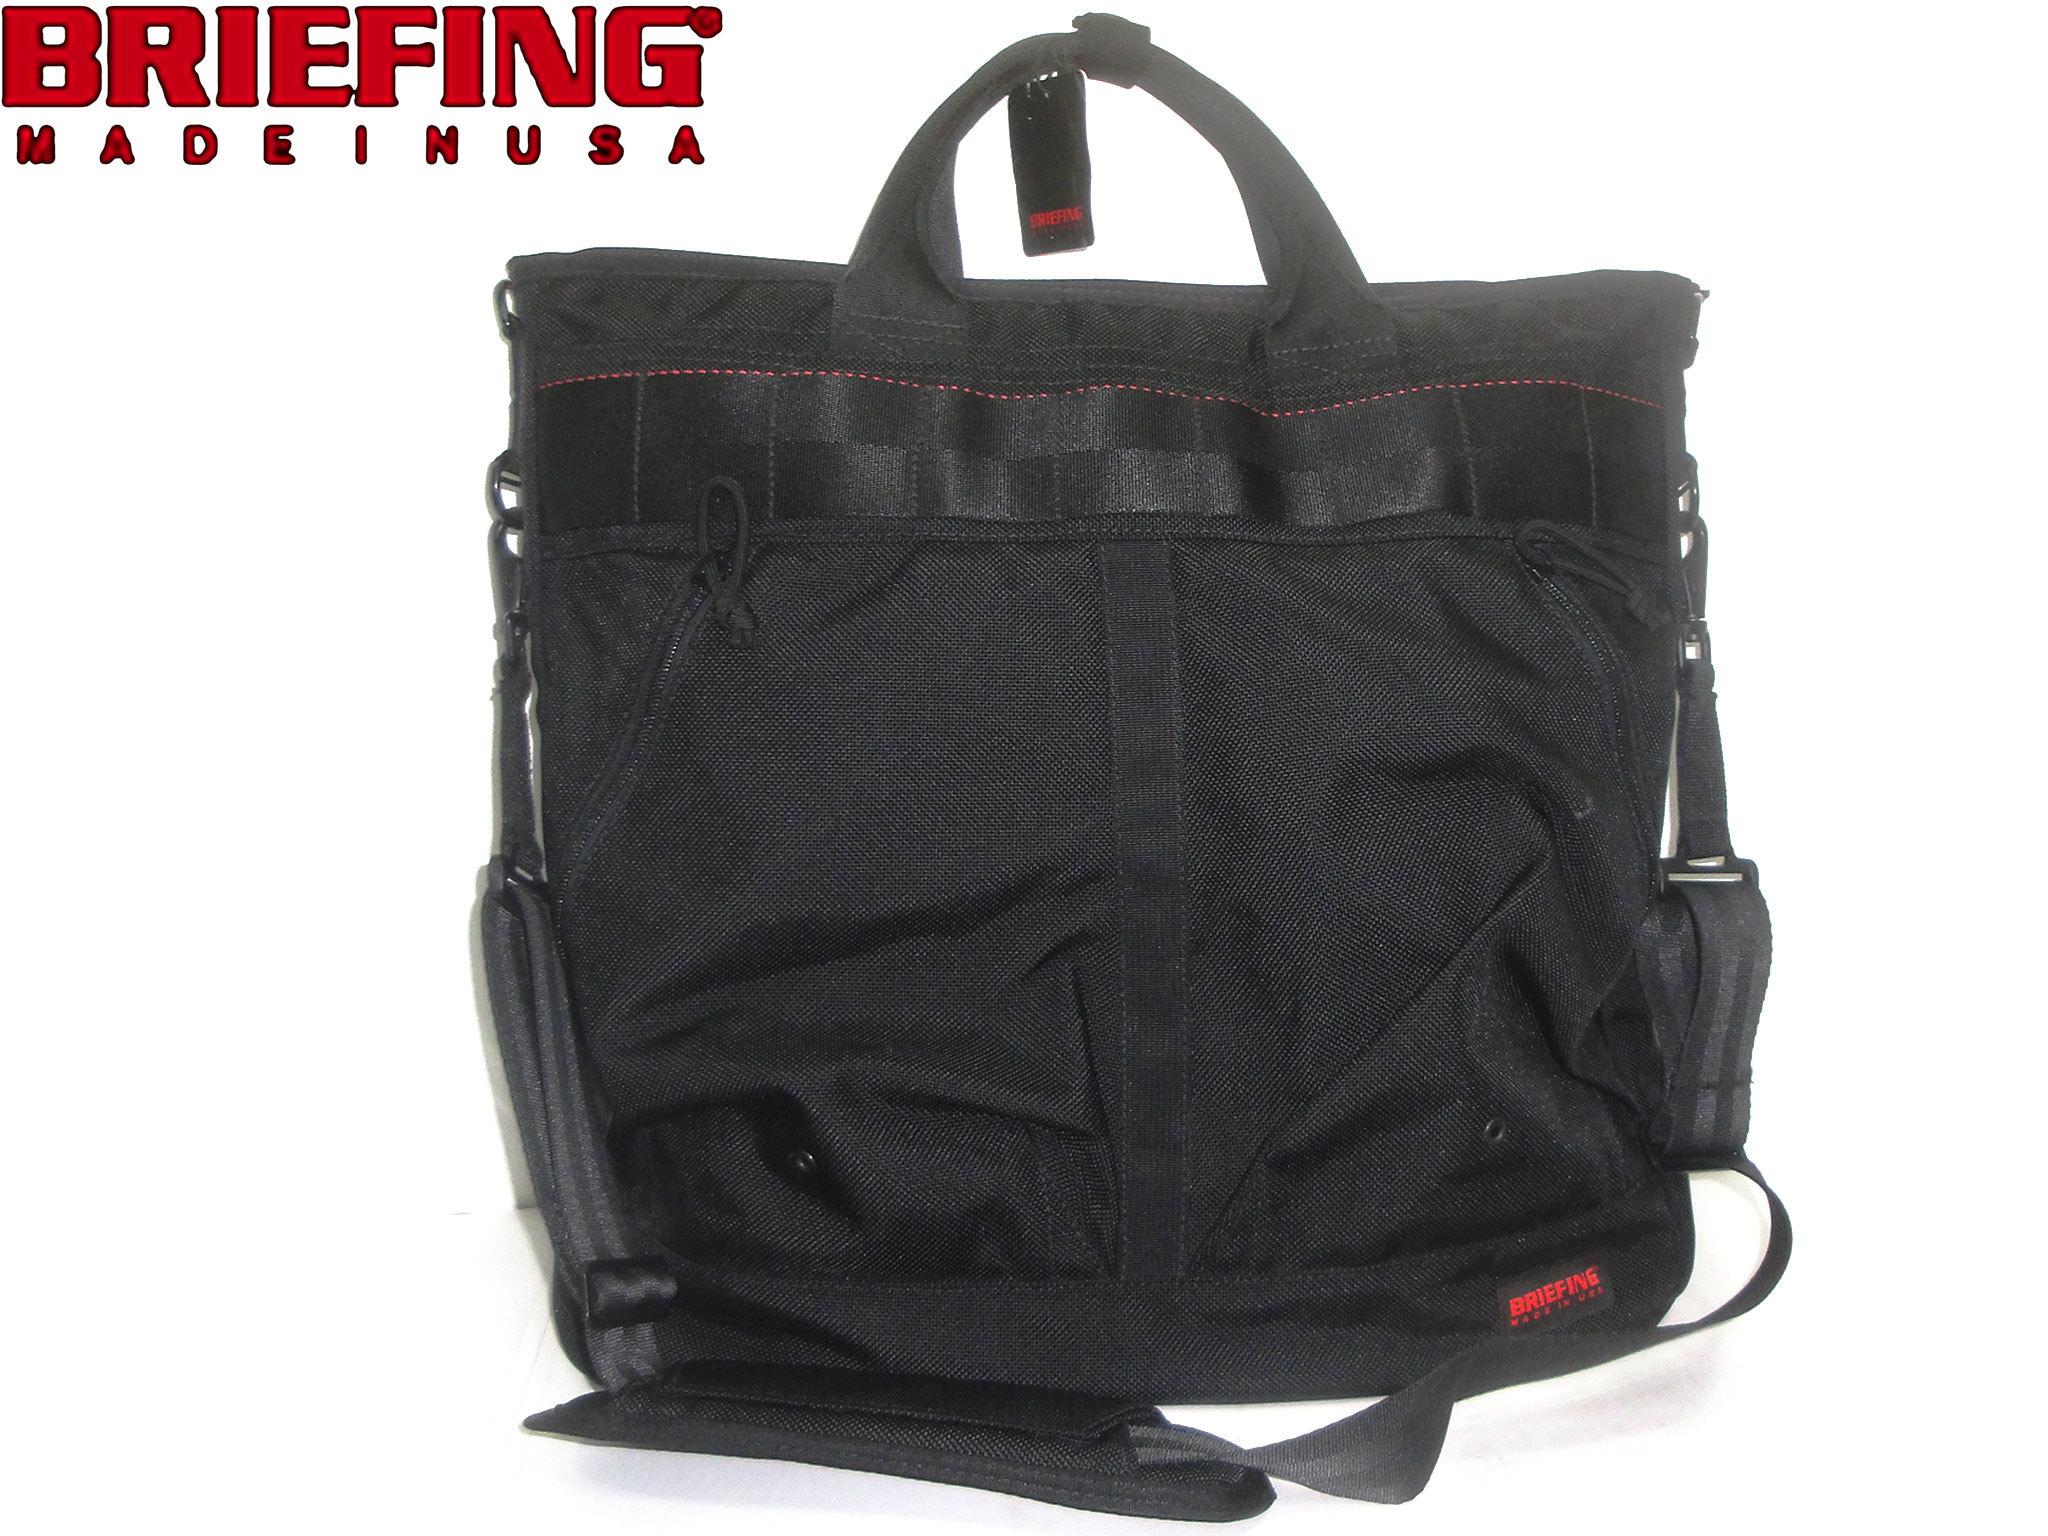 ブリーフィングBRIEFINGネオステルスショルダーバッグNEO STEALTH BRF119219